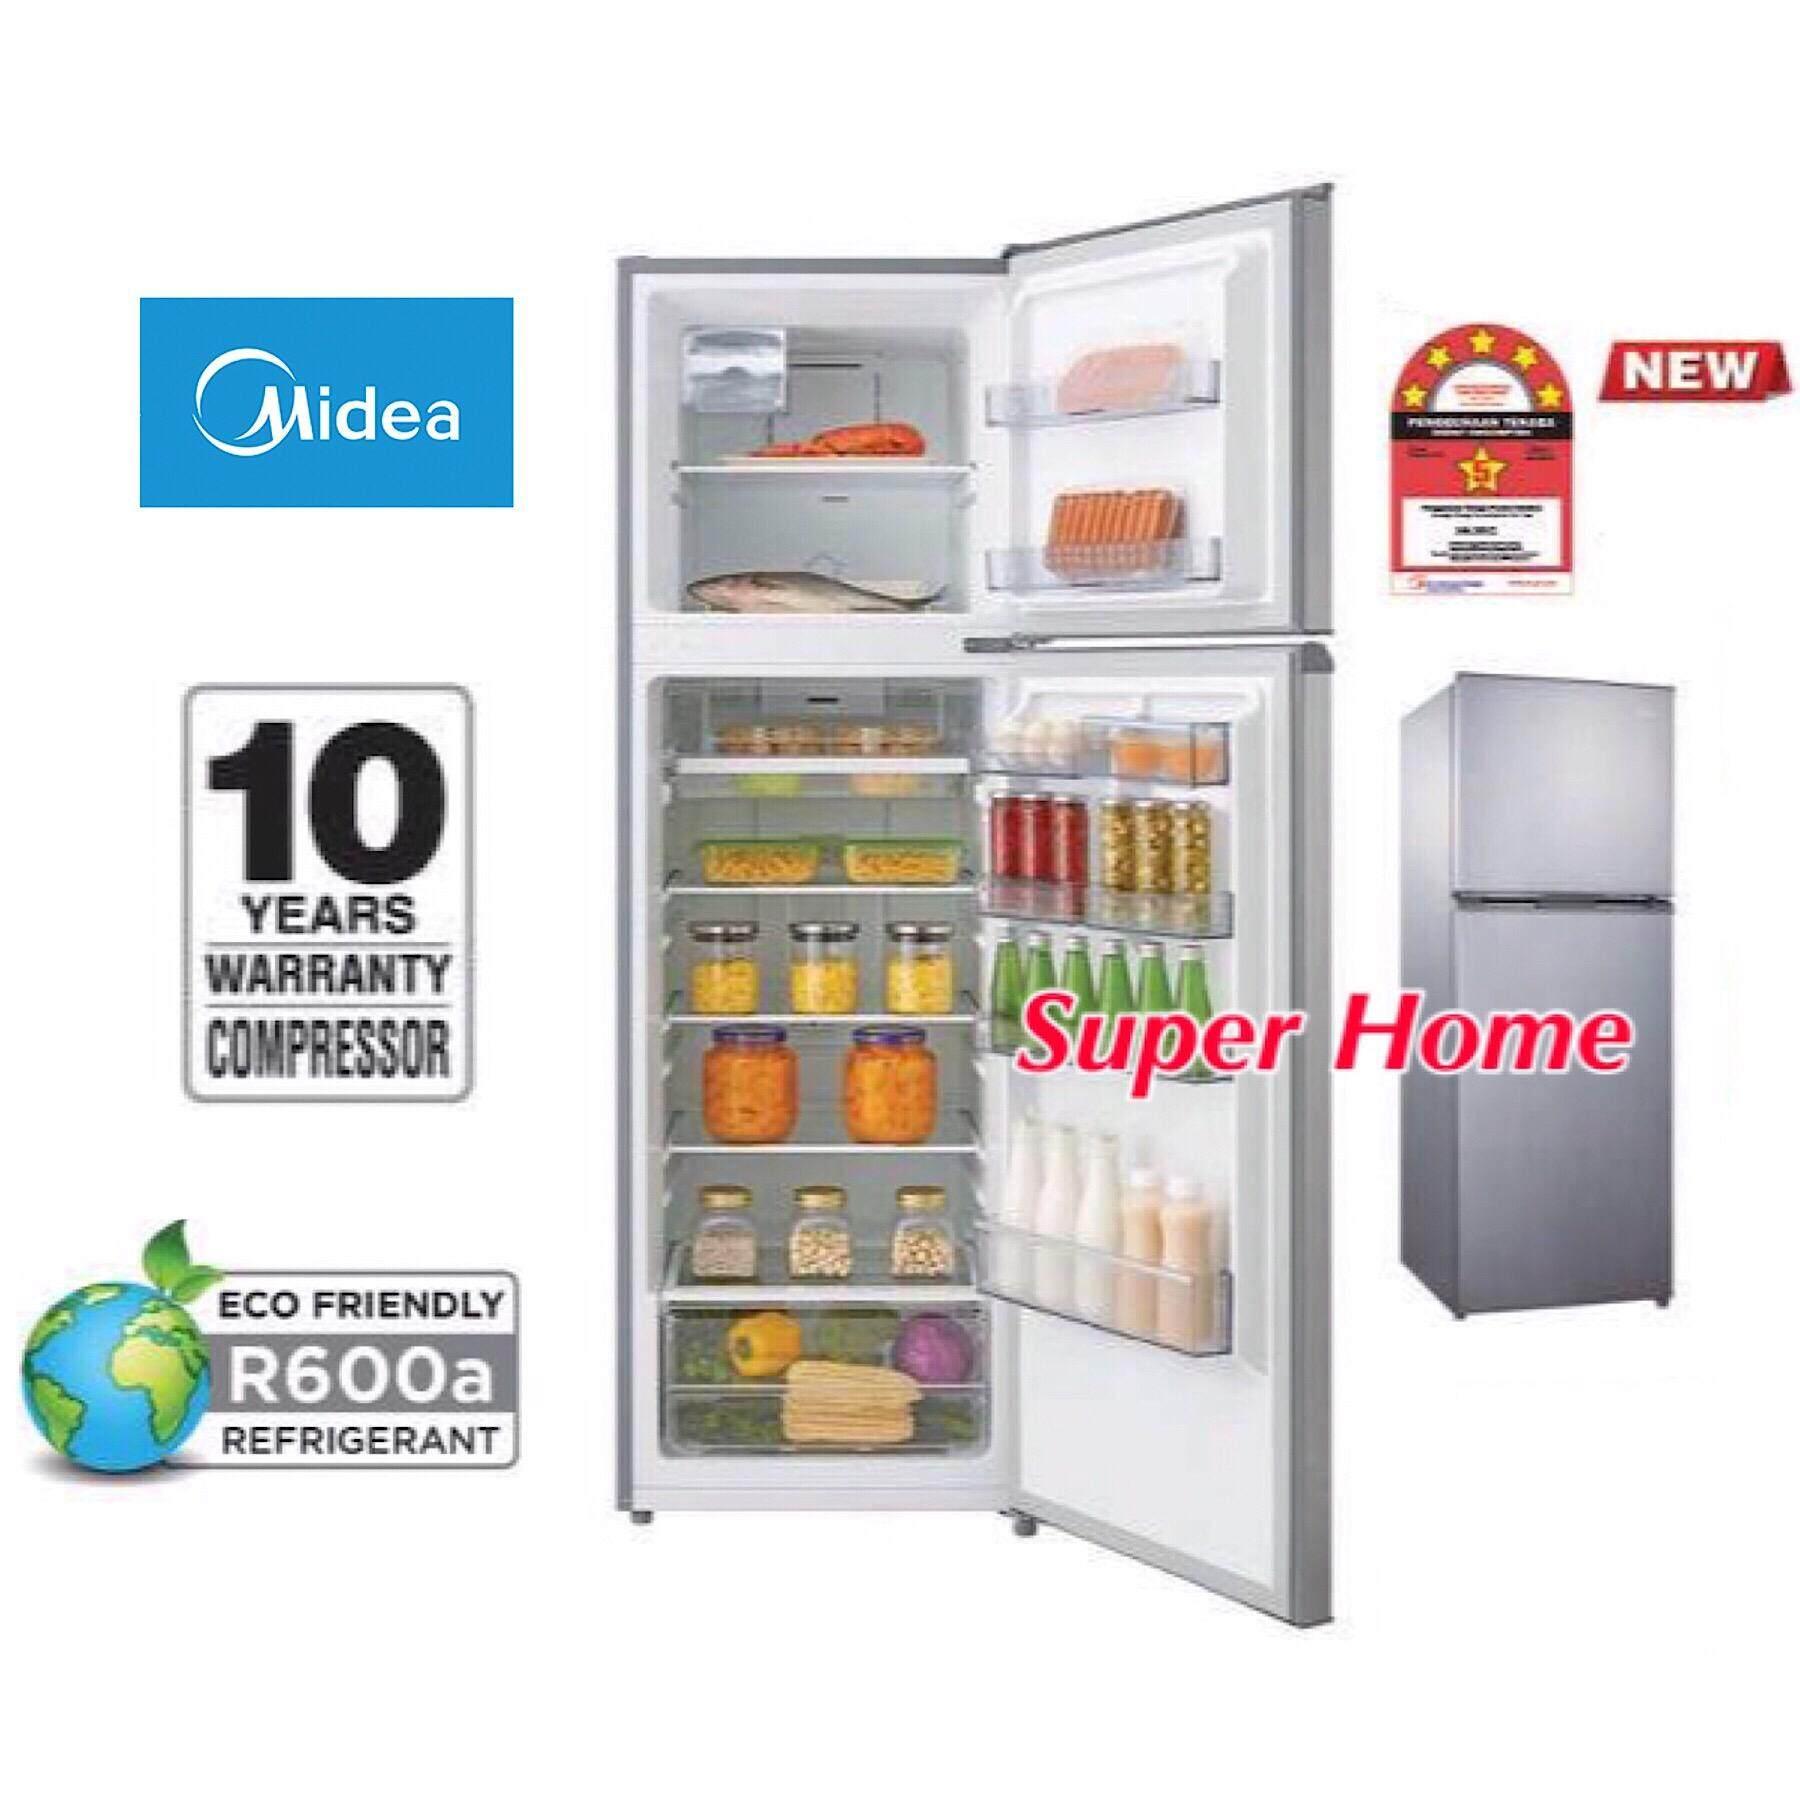 Midea 2 Door Refrigerator MD-262V (260L) 5 Star Energy Saving